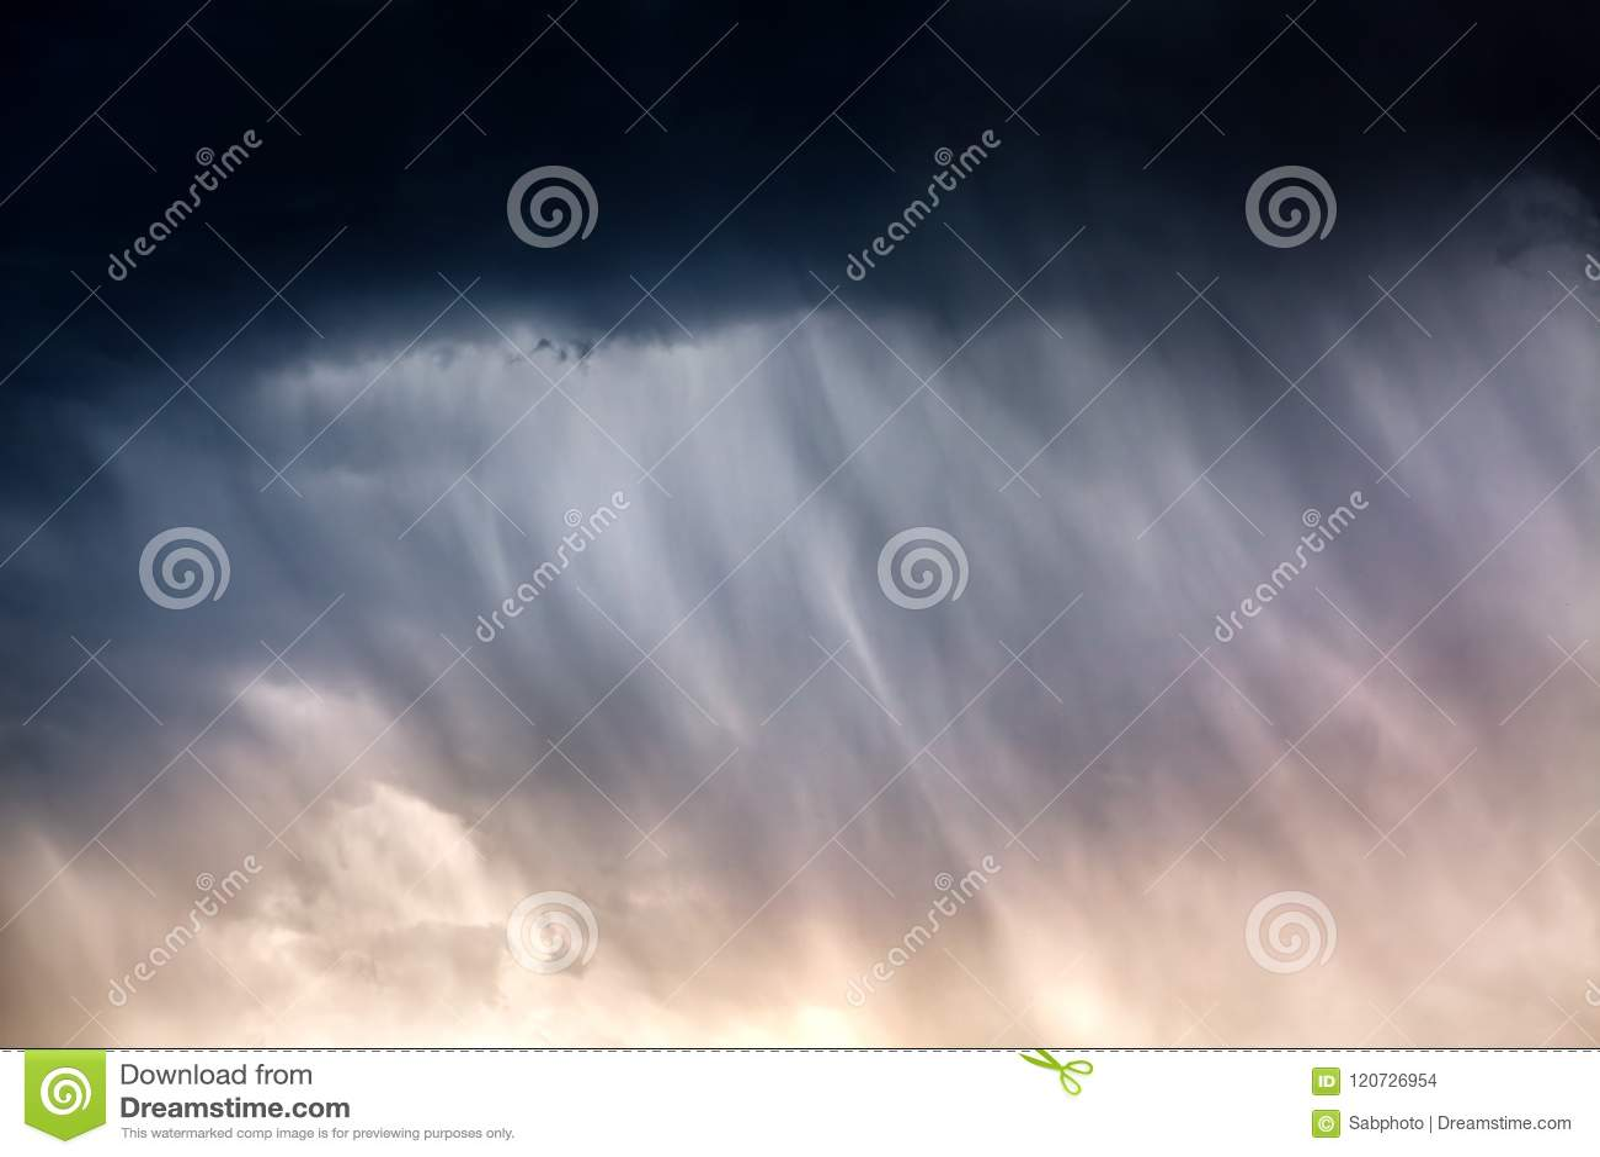 Fundo severo da chuva